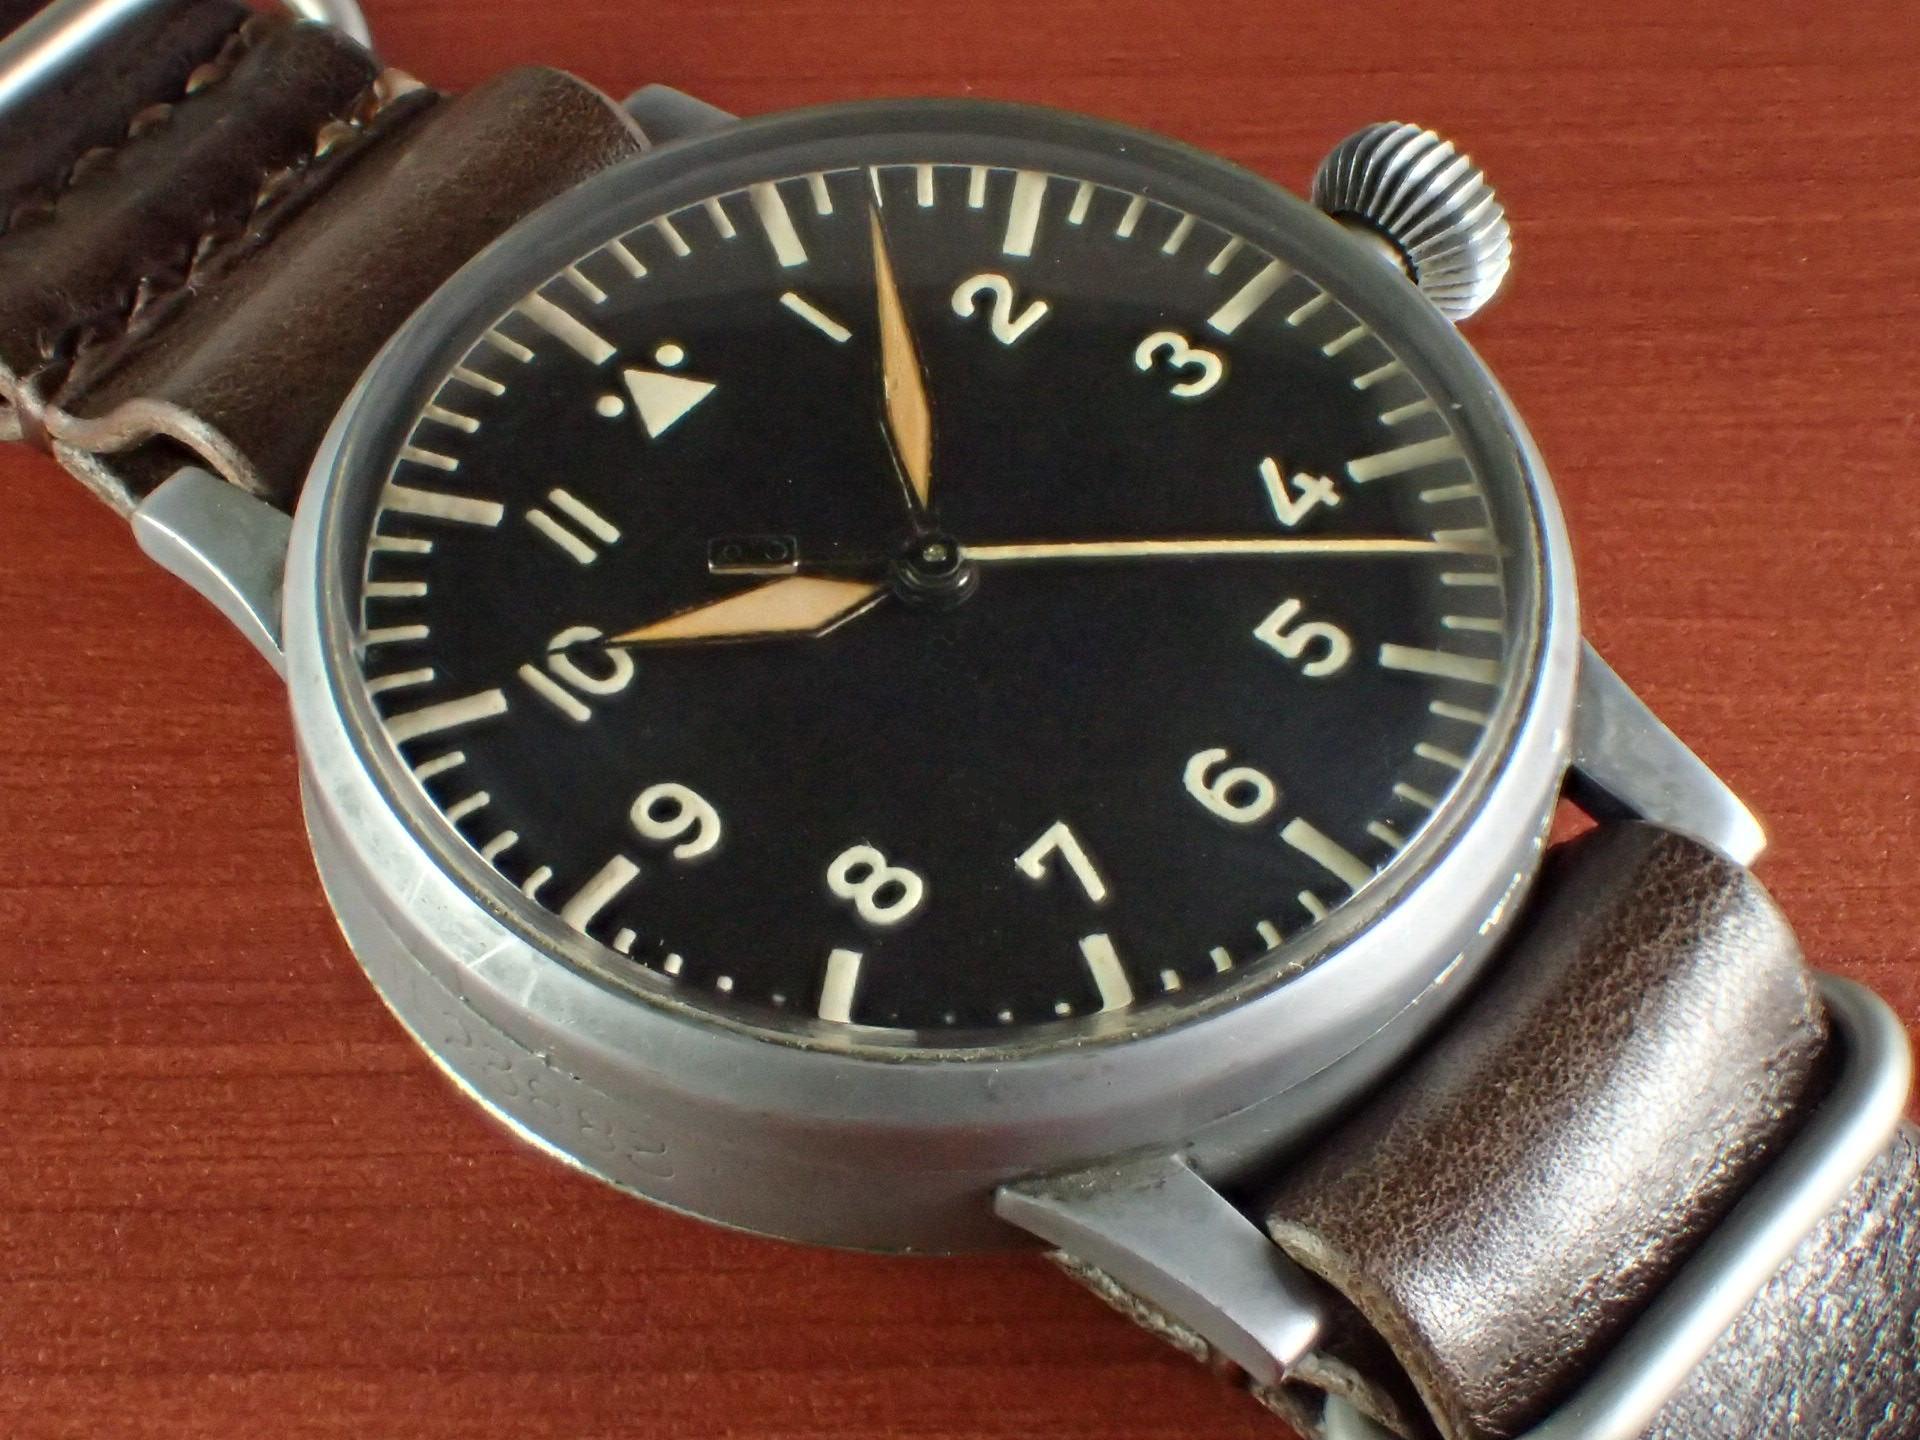 ラコ ドイツ空軍 Bウォッチ タイプA 偵察機用時計 第二次世界大戦 1940年代のメイン写真